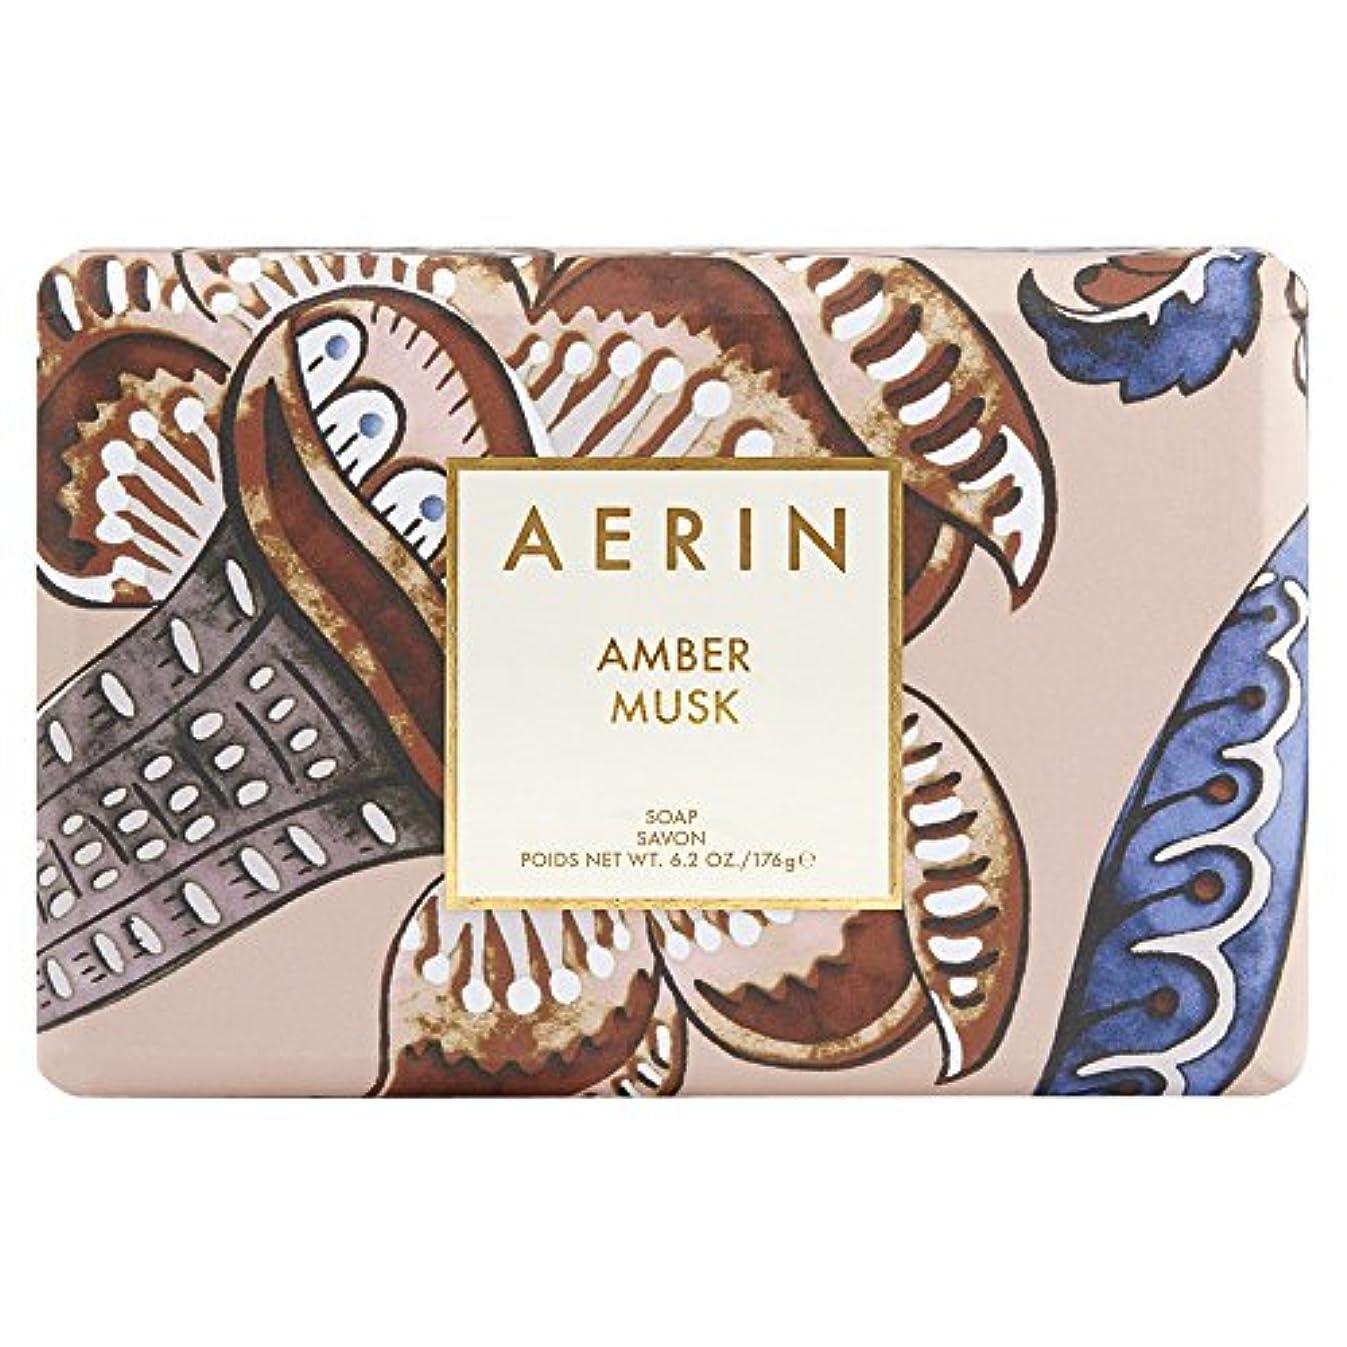 窓を洗う物理的な狭いAerinアンバームスクソープ176グラム (AERIN) (x6) - AERIN Amber Musk Soap 176g (Pack of 6) [並行輸入品]